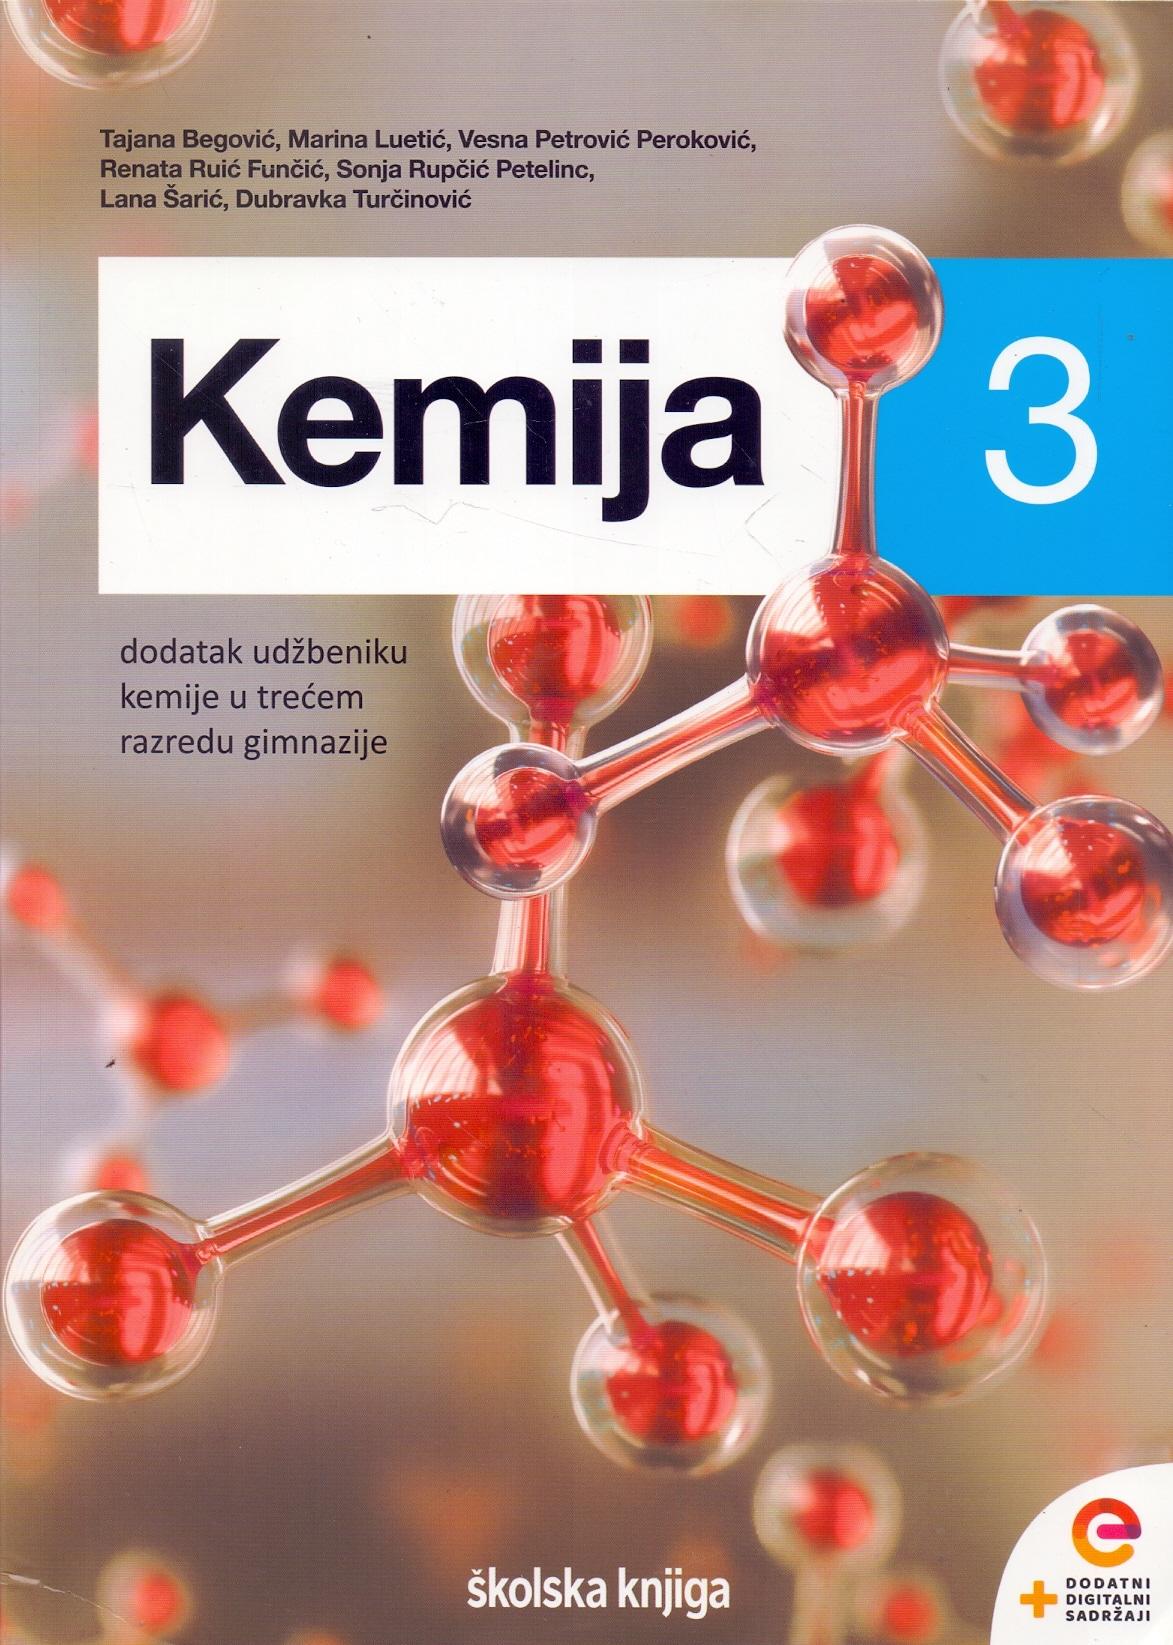 Kemija 3: dodatak udžbeniku kemije u trećem razredu gimnazije autora Tajana Begović, Marina Luetić, Frances Novosel, Vesna Petrović Peroković, Sonja Rupčić Petelinc